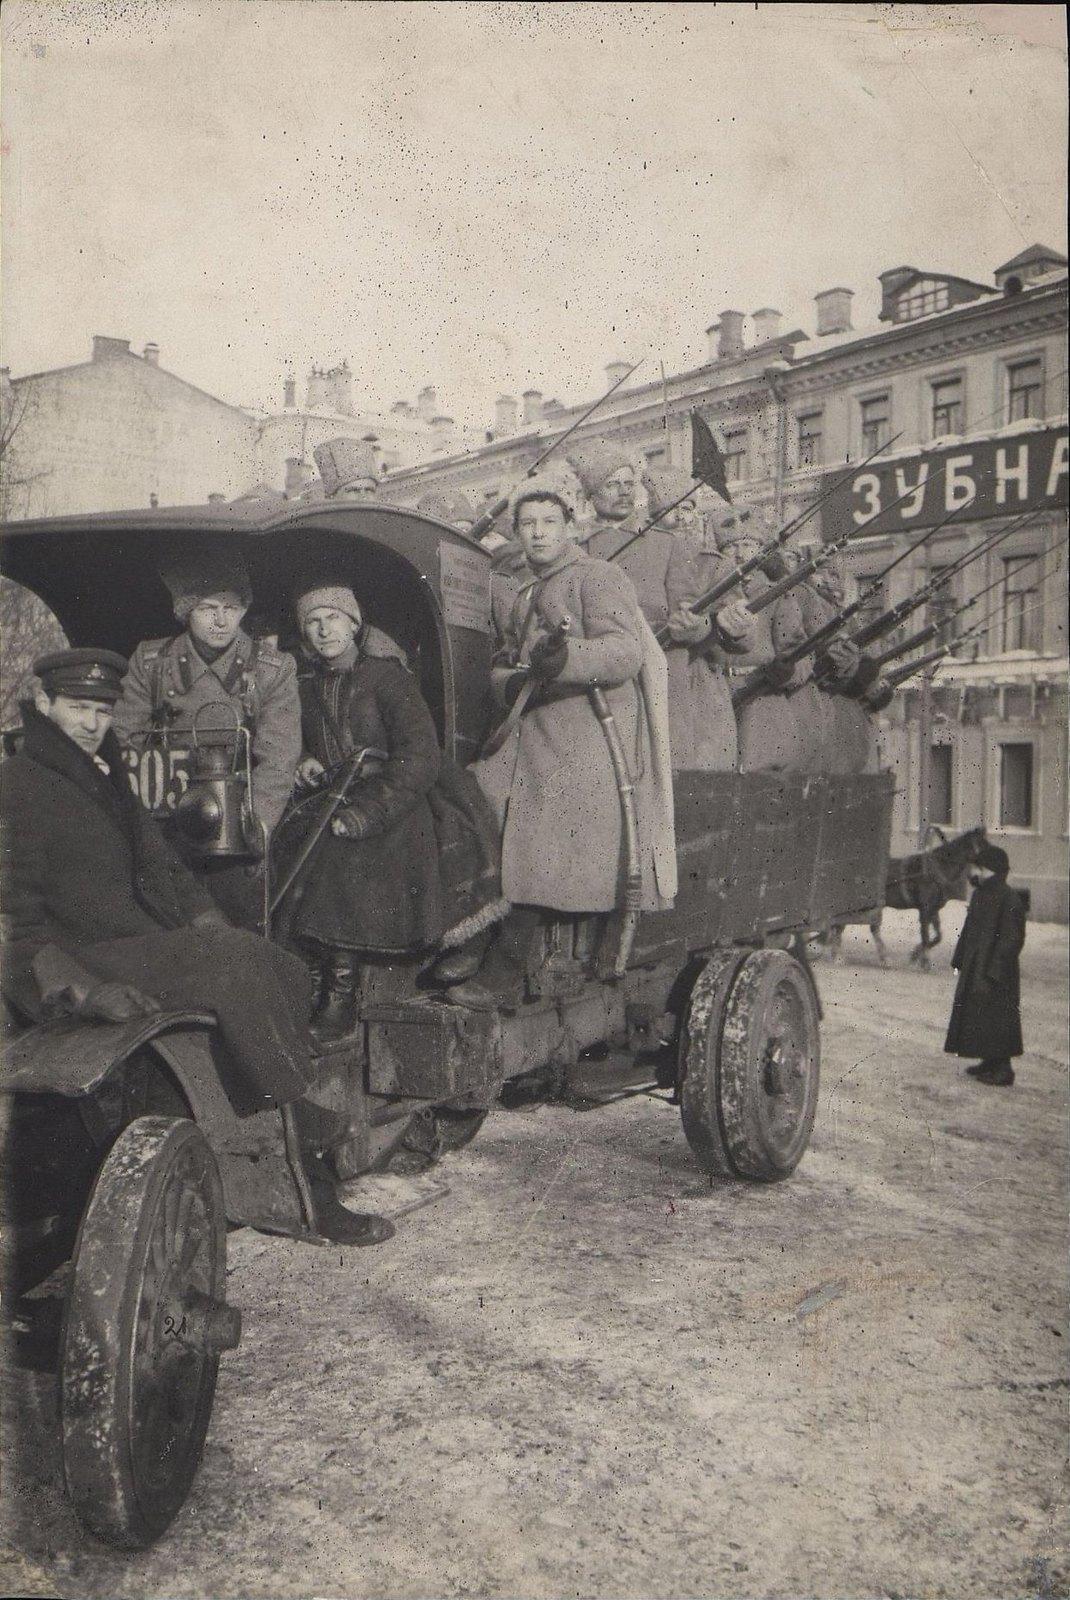 10. Март. Грузовик с солдатами (солдаты, перешедшие на сторону революции). Москва.